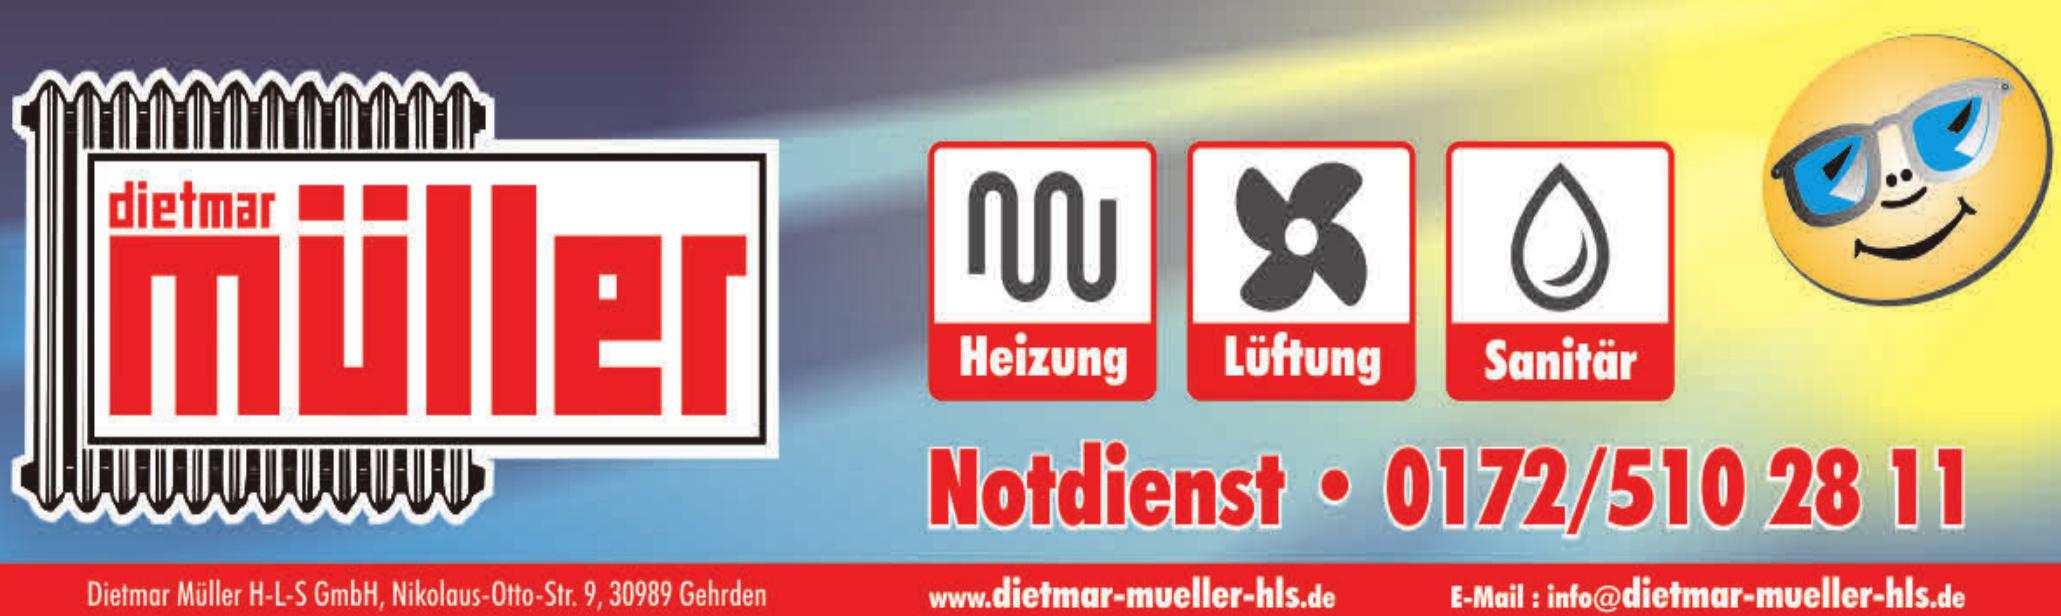 Dietmar Müller H-L-S GmbH